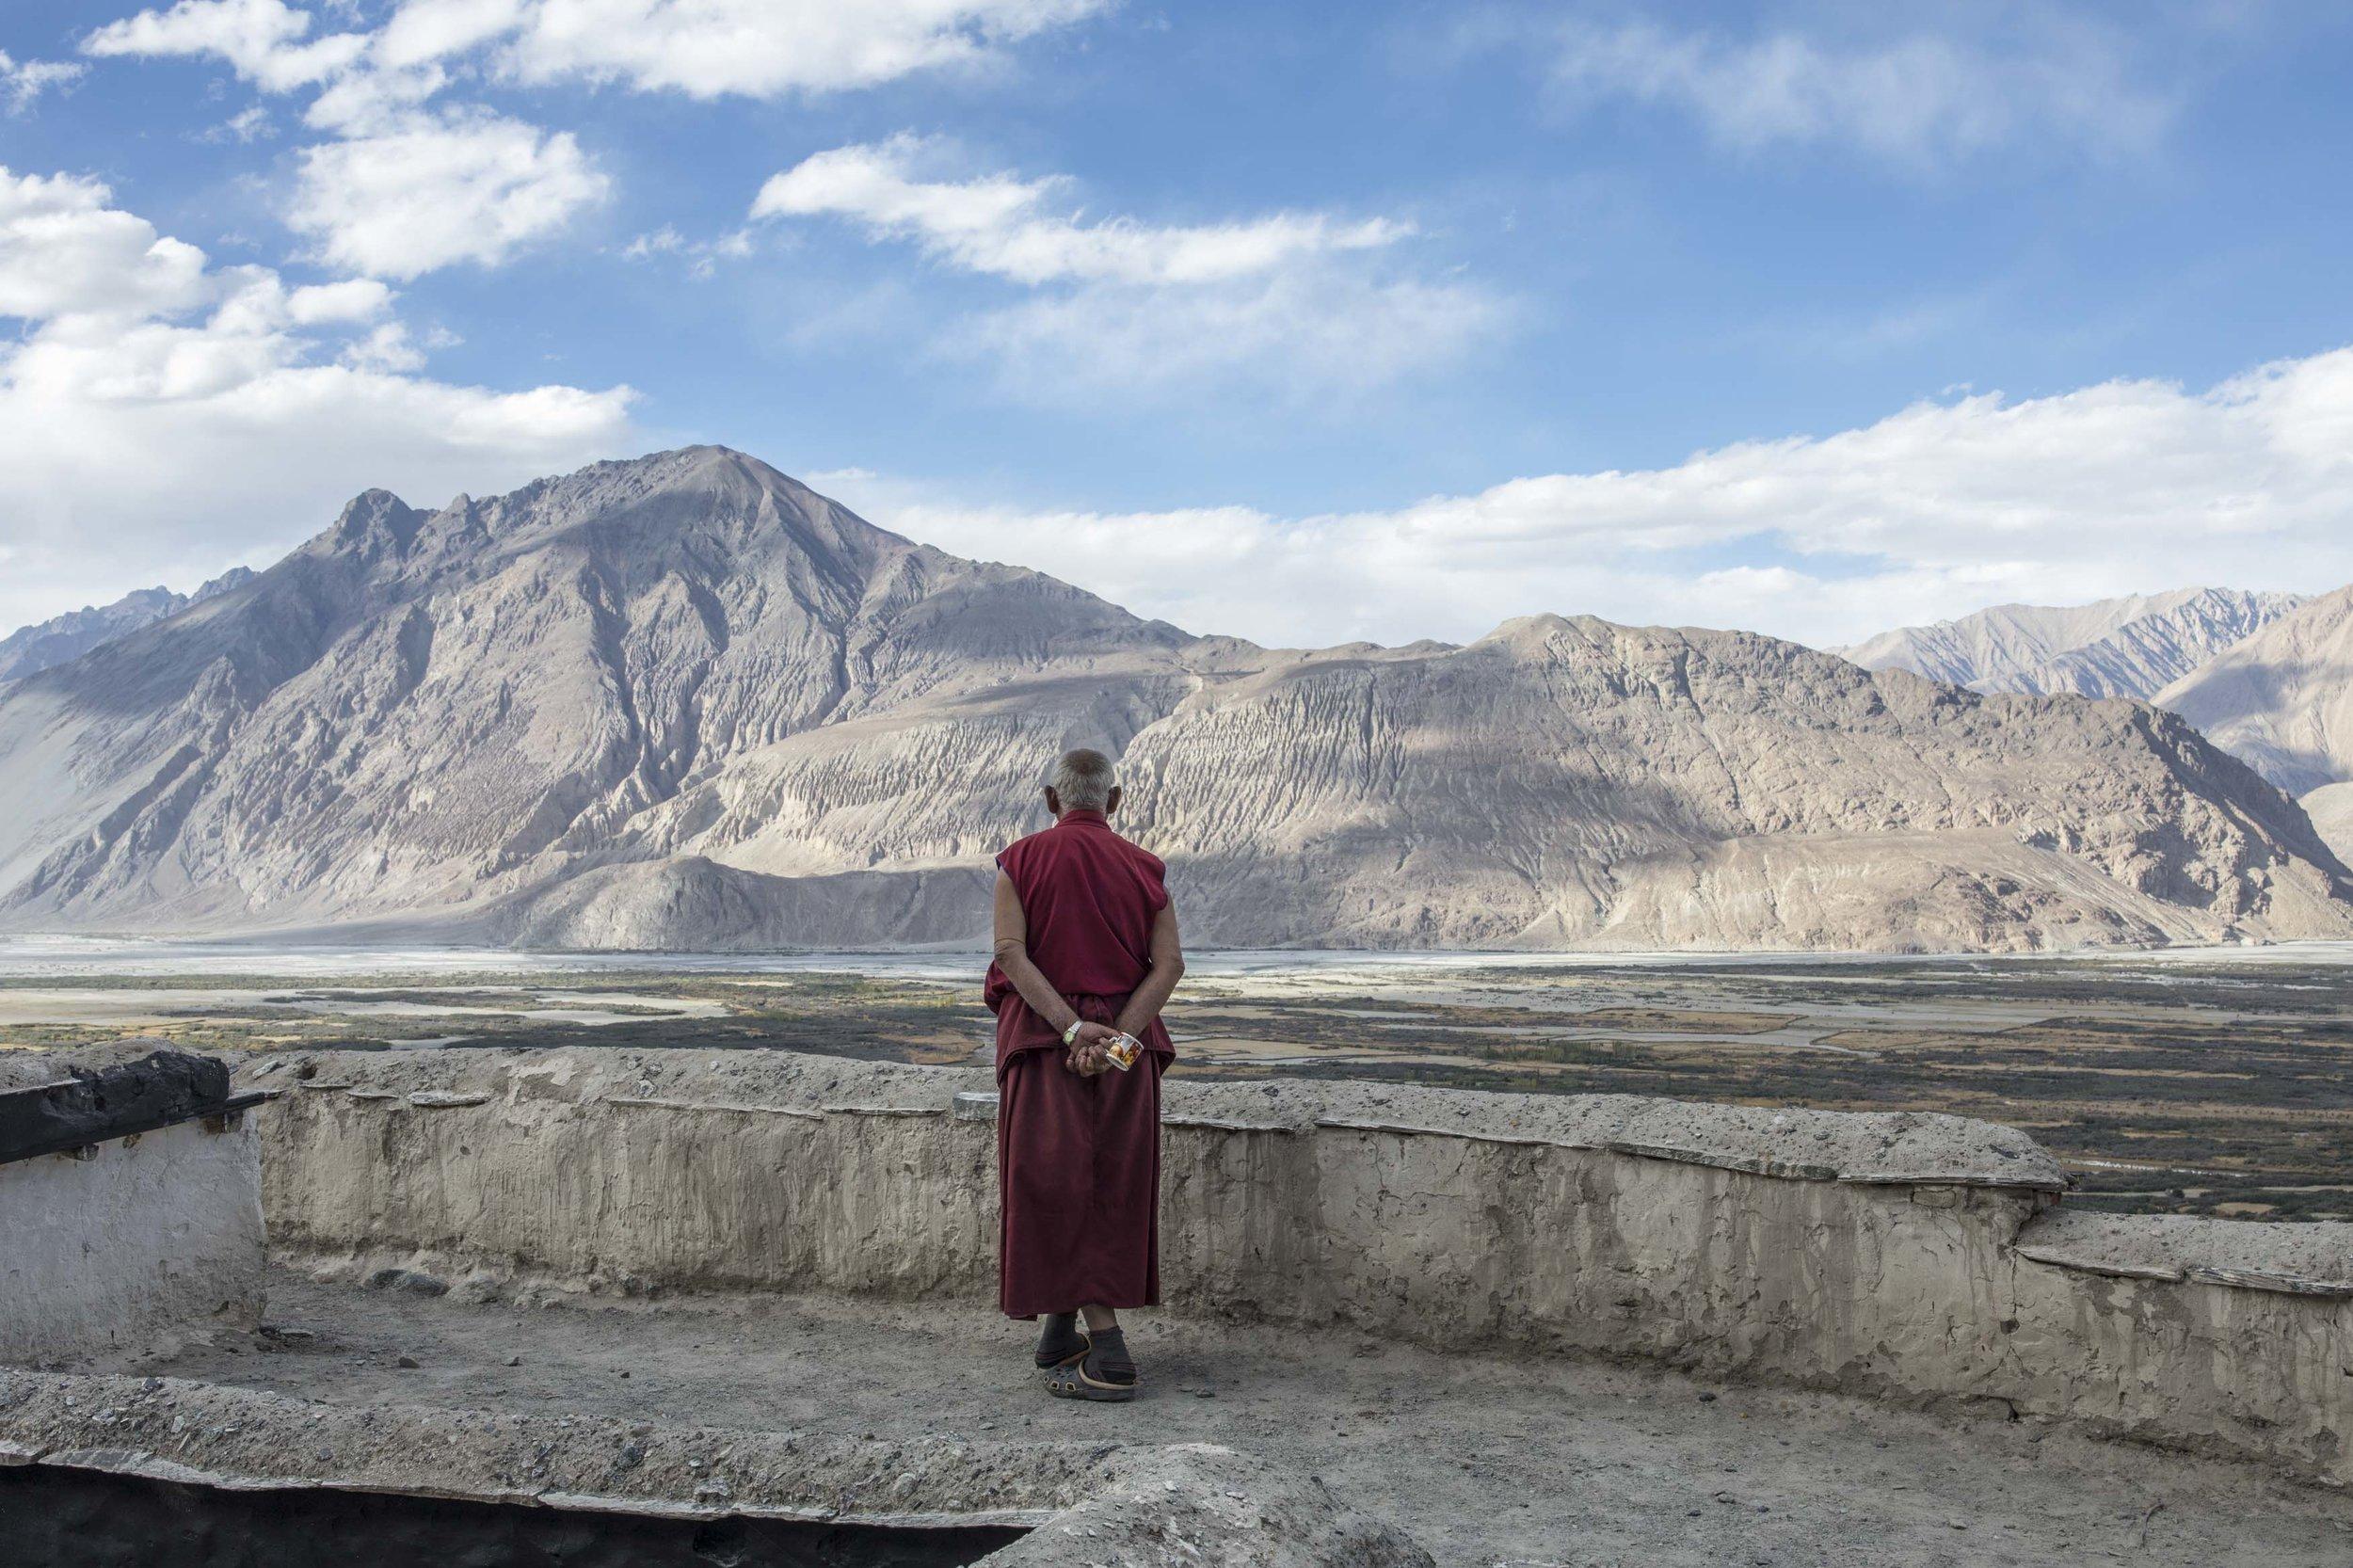 Long gaze to Tibet